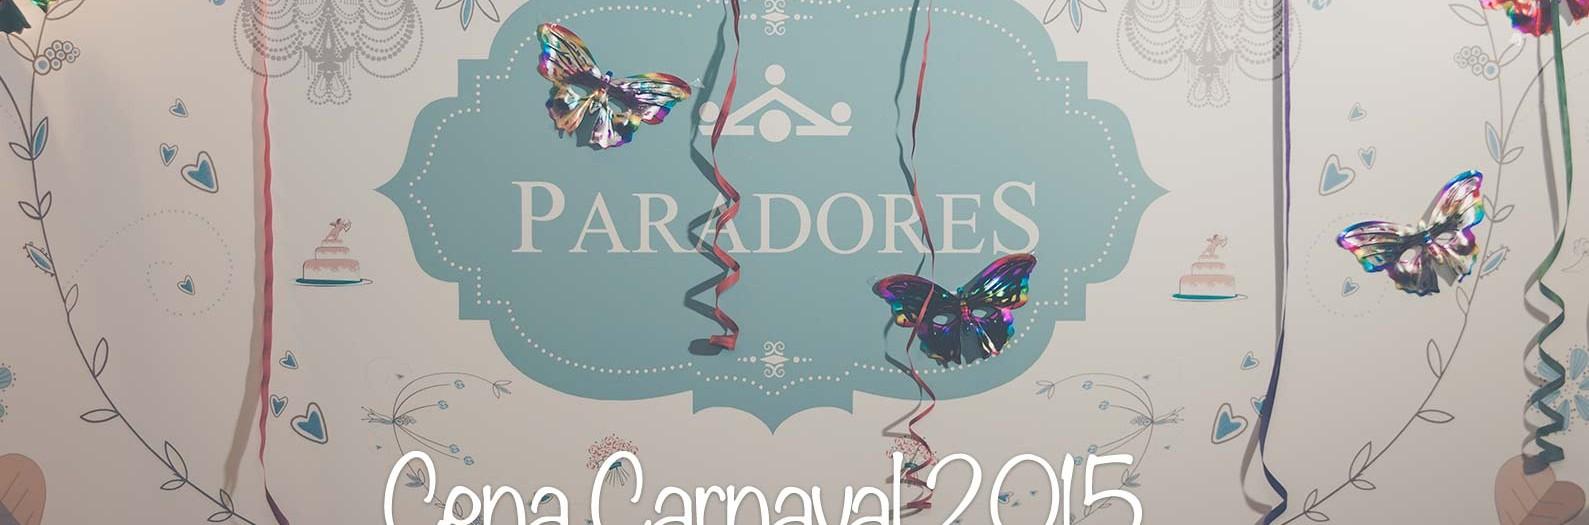 Cena Carnaval 2015 en el Parador